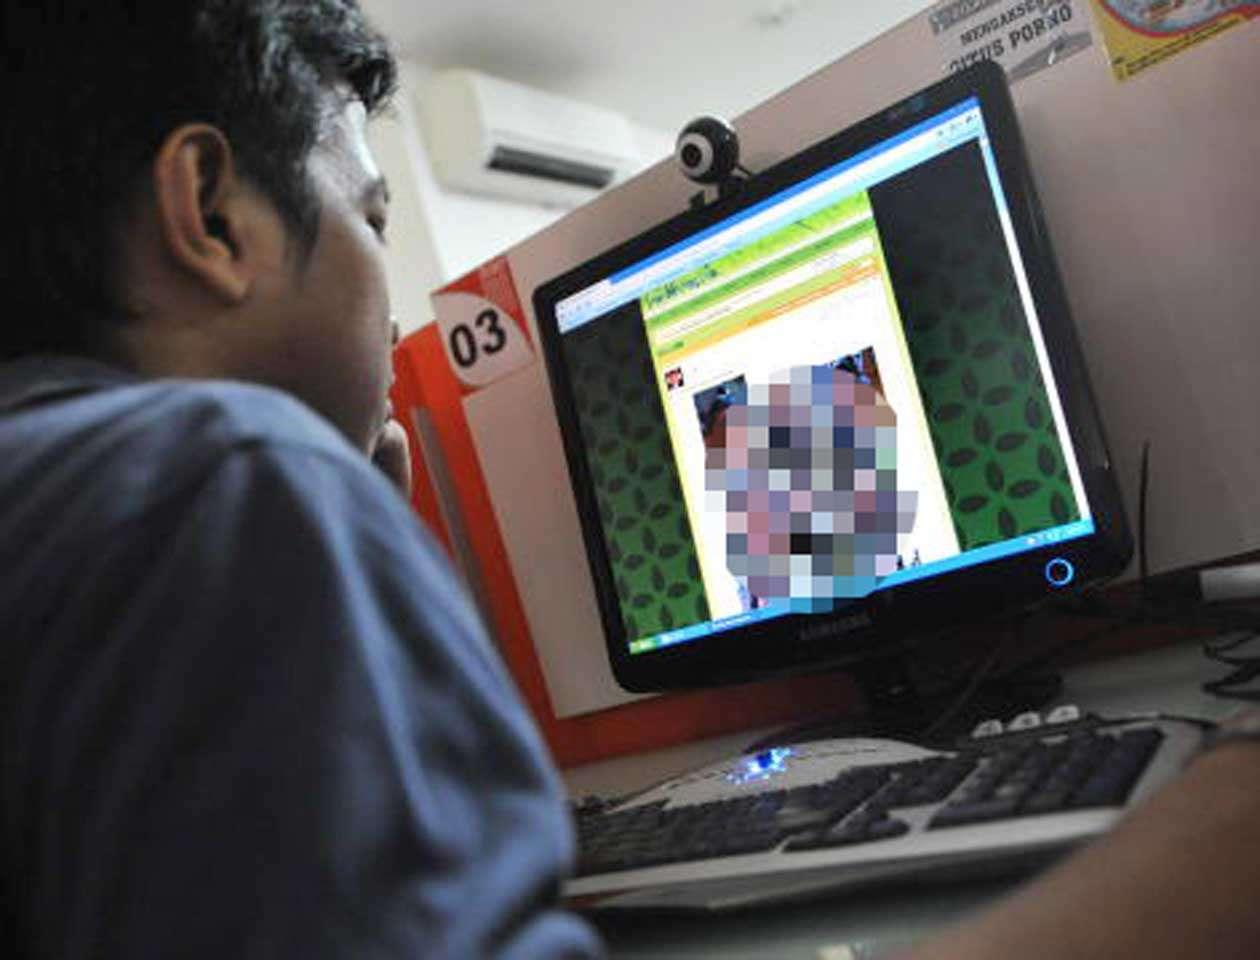 La Policía de Filipinas recientemente desmanteló una red criminal que difundía en directo los abusos sexuales de menores. En la operación fueron detenidas 29 personas. Imagen de ilustración. Foto: BAY ISMOYO/AFP/Archivo